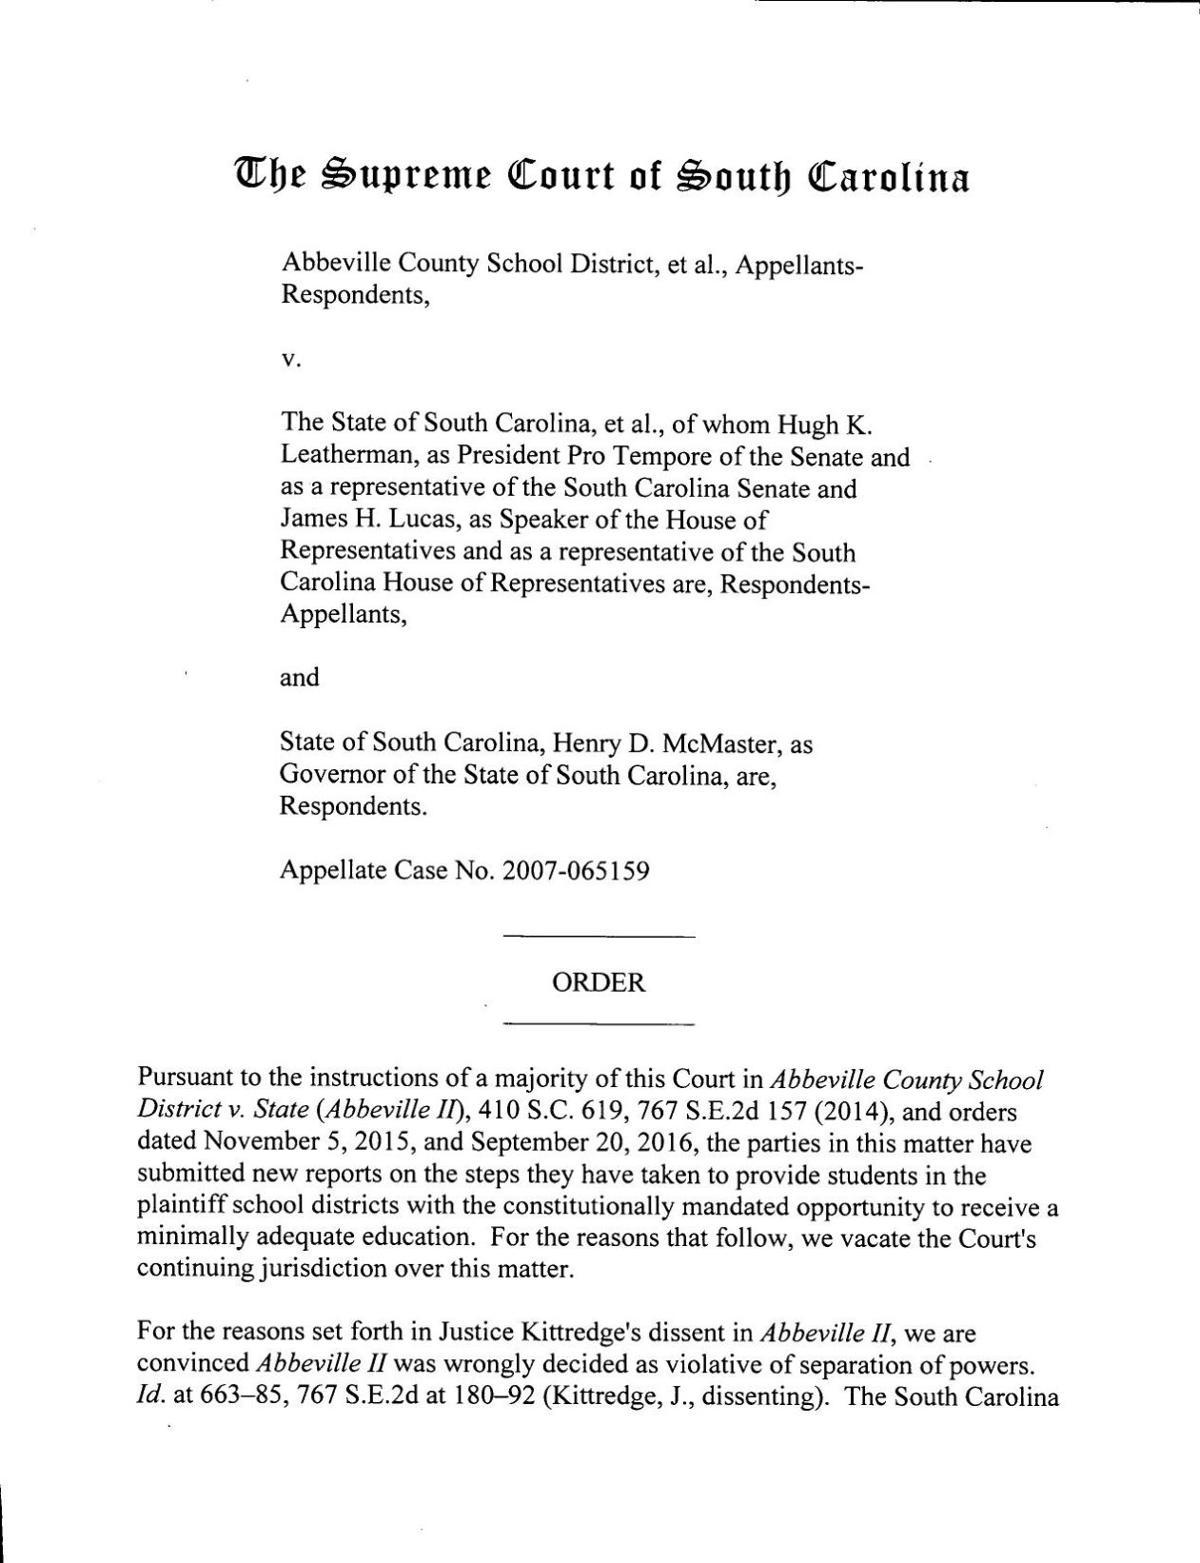 S.C. Supreme Court ruling ending Abbeville education lawsuit